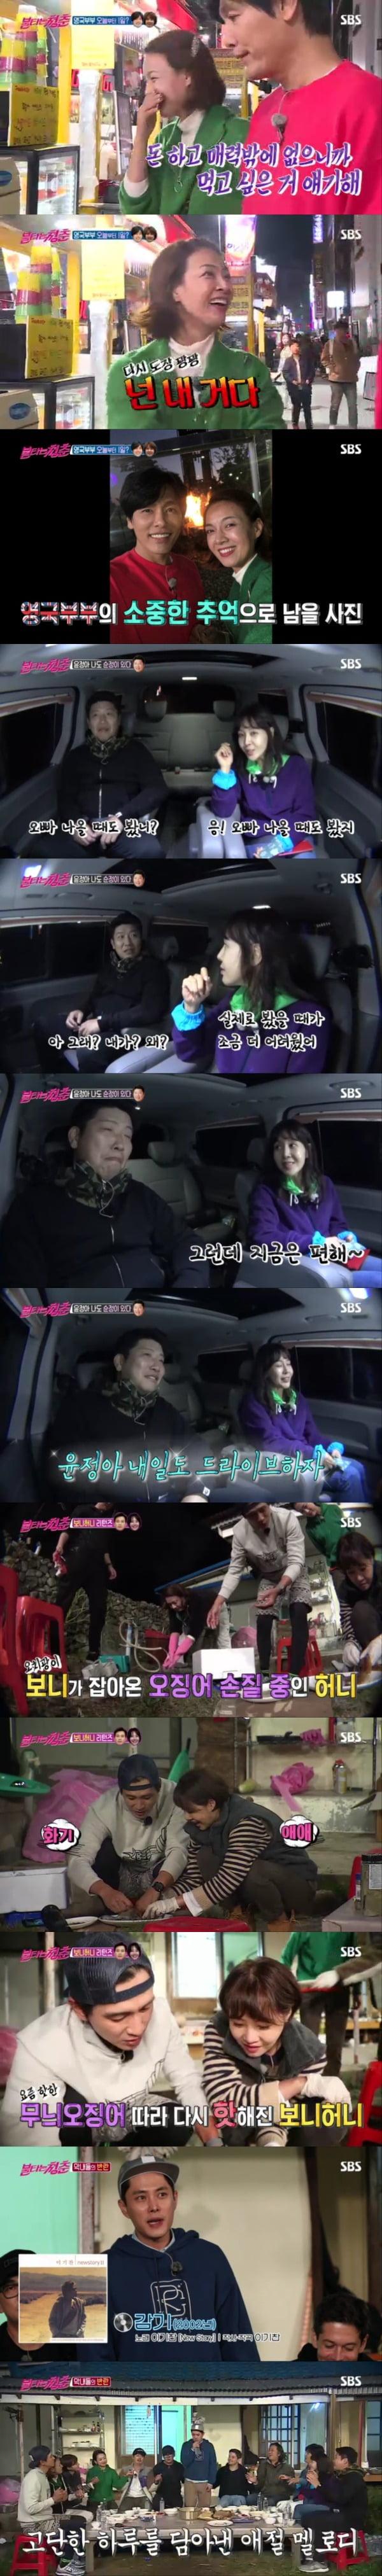 '불청' 김윤정 /사진=SBS 예능프로그램 불타는 청춘 영상 캡처